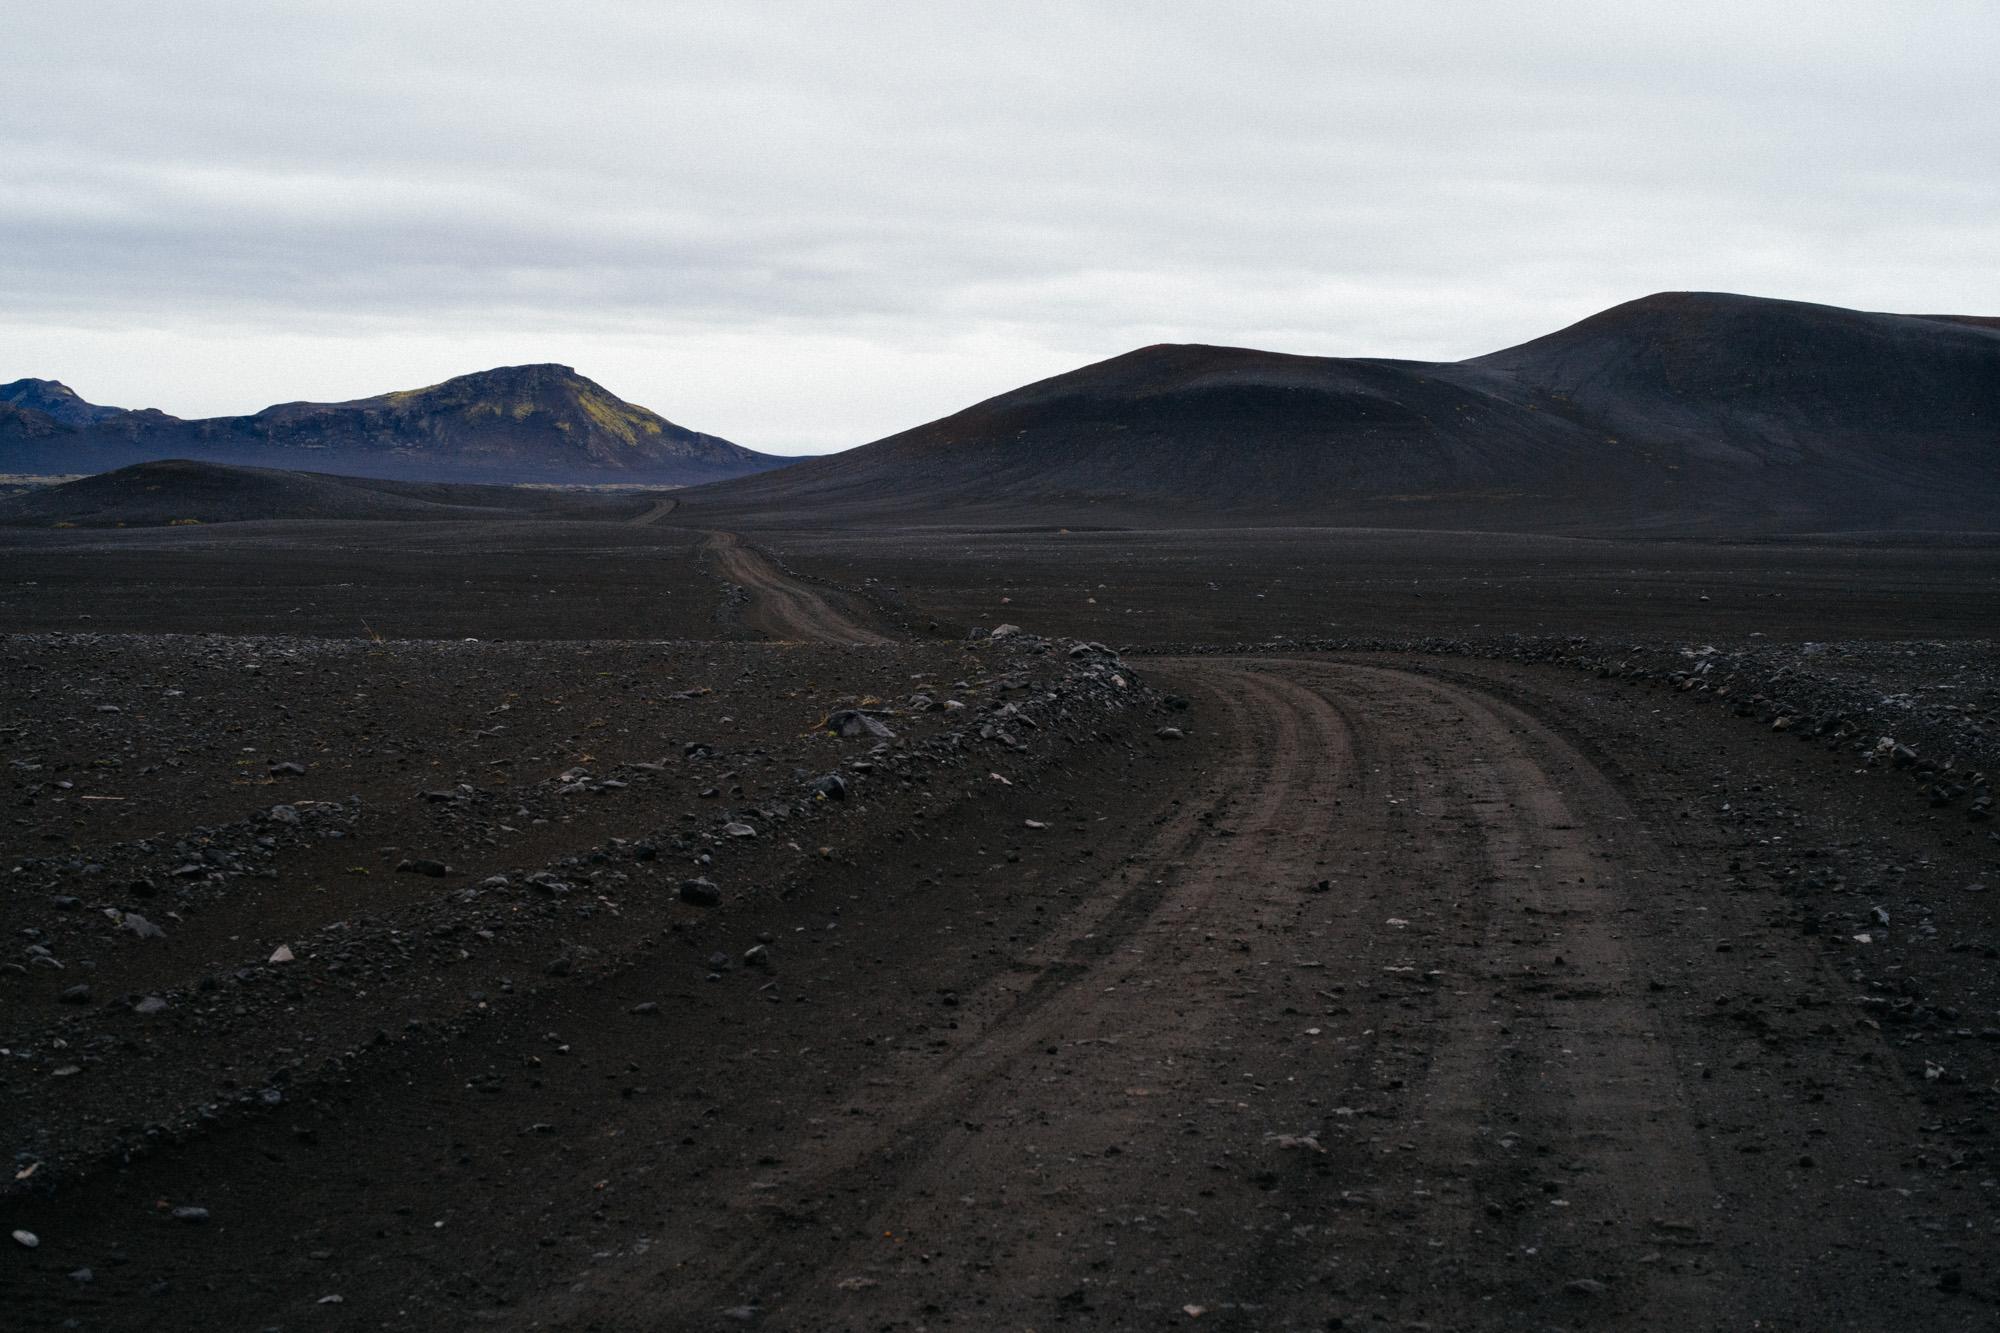 Cinder road